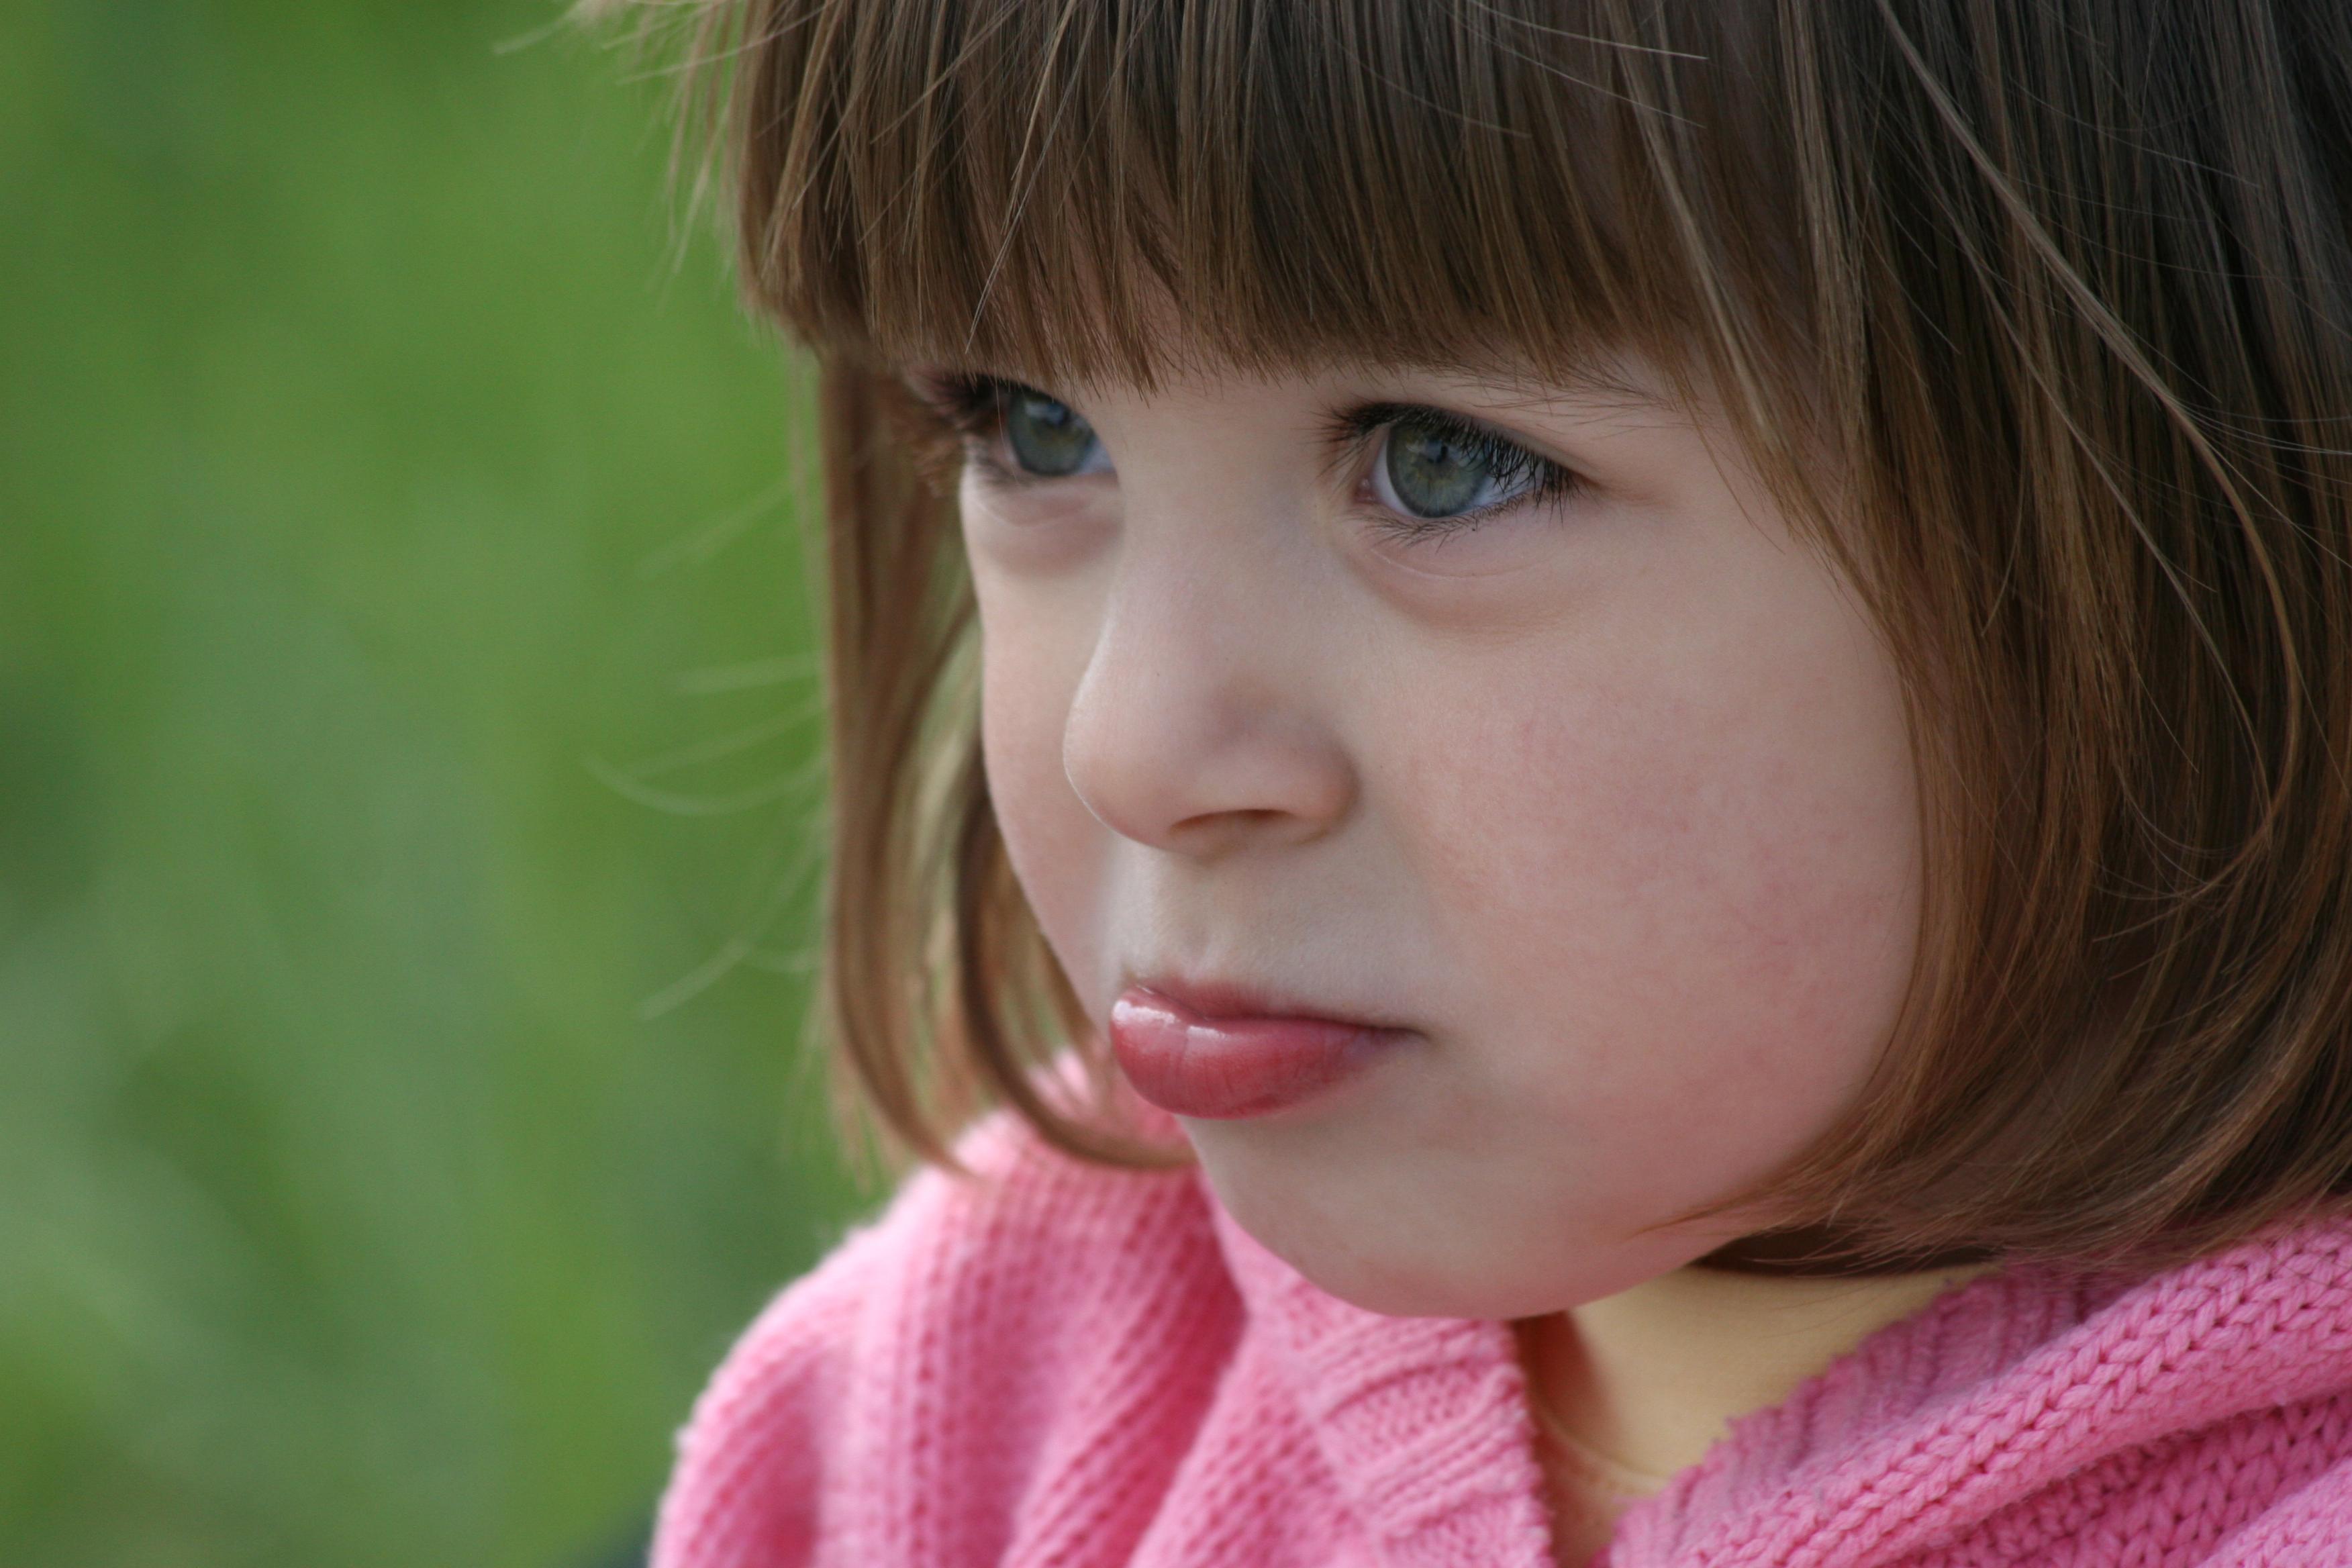 В организме вирус активизируется только если иммунитет ребенка